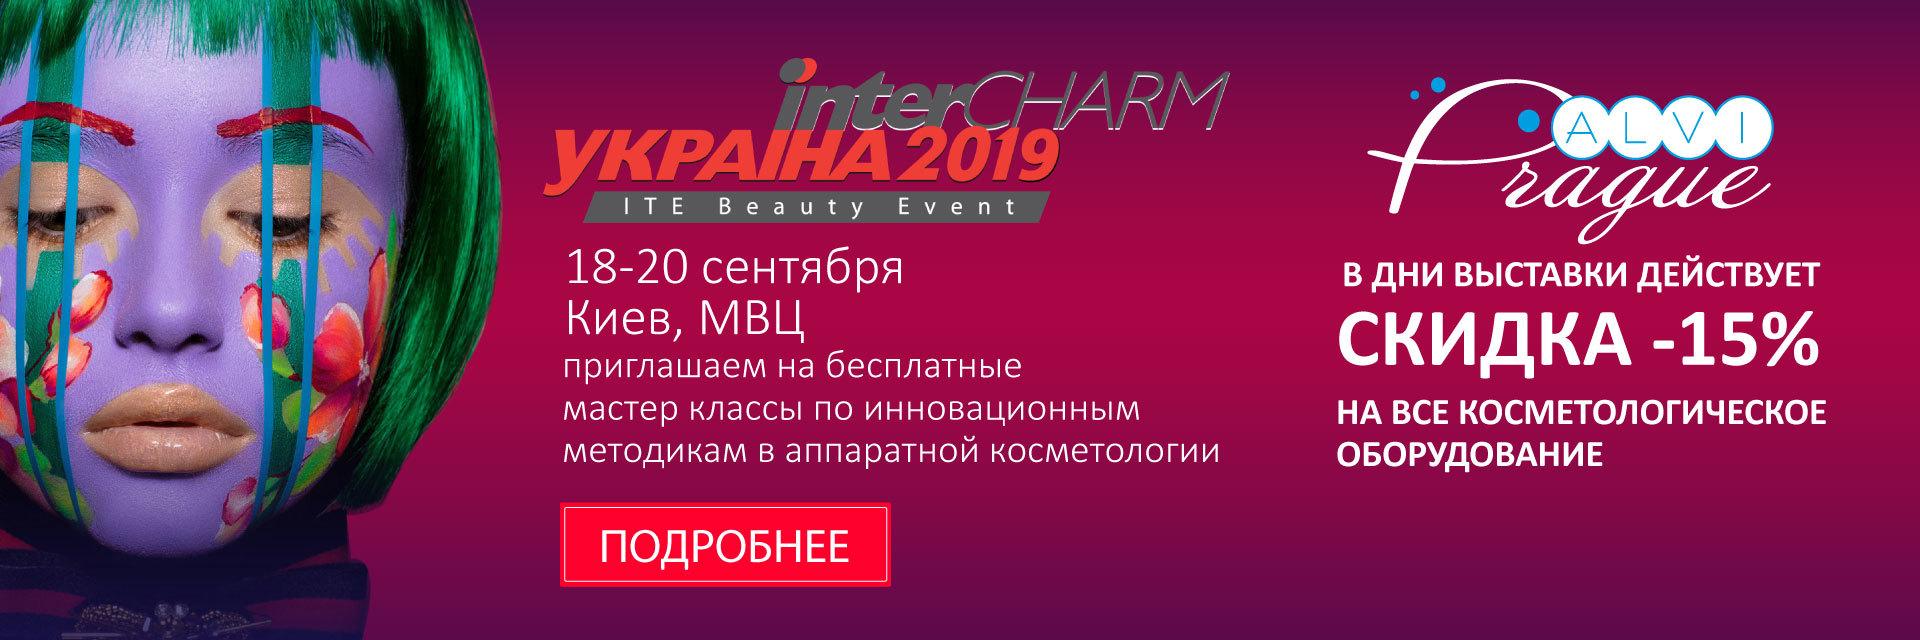 Приглашение на выставку InterCHARM 2019 от производителя аппаратной косметологии Alvi Prague